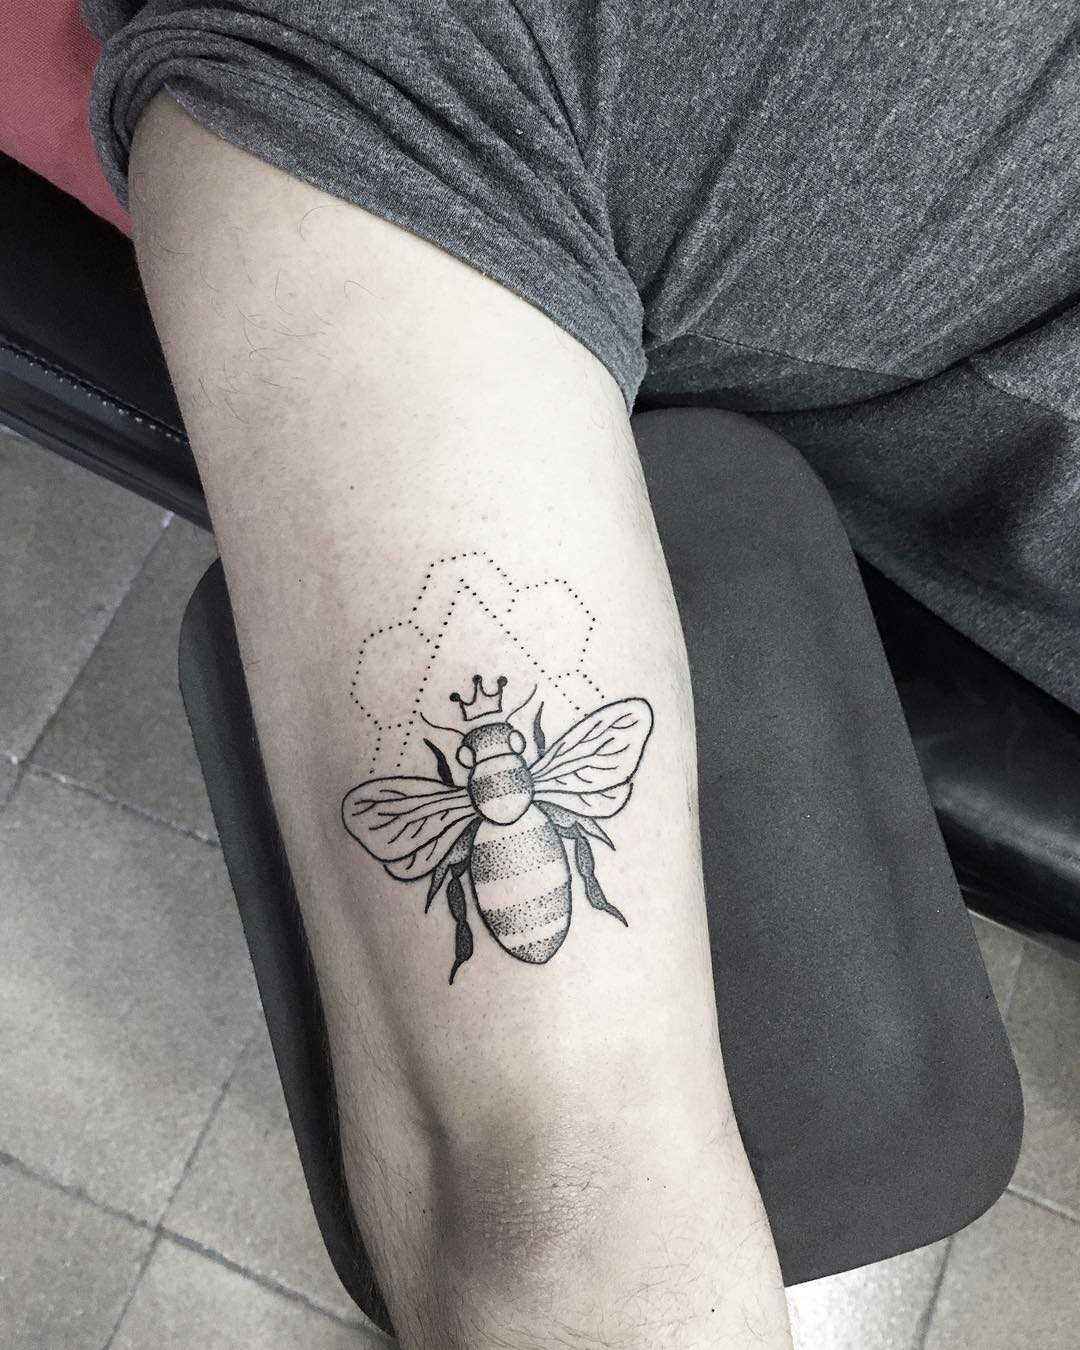 A tatuagem de uma abelha na mão de homens